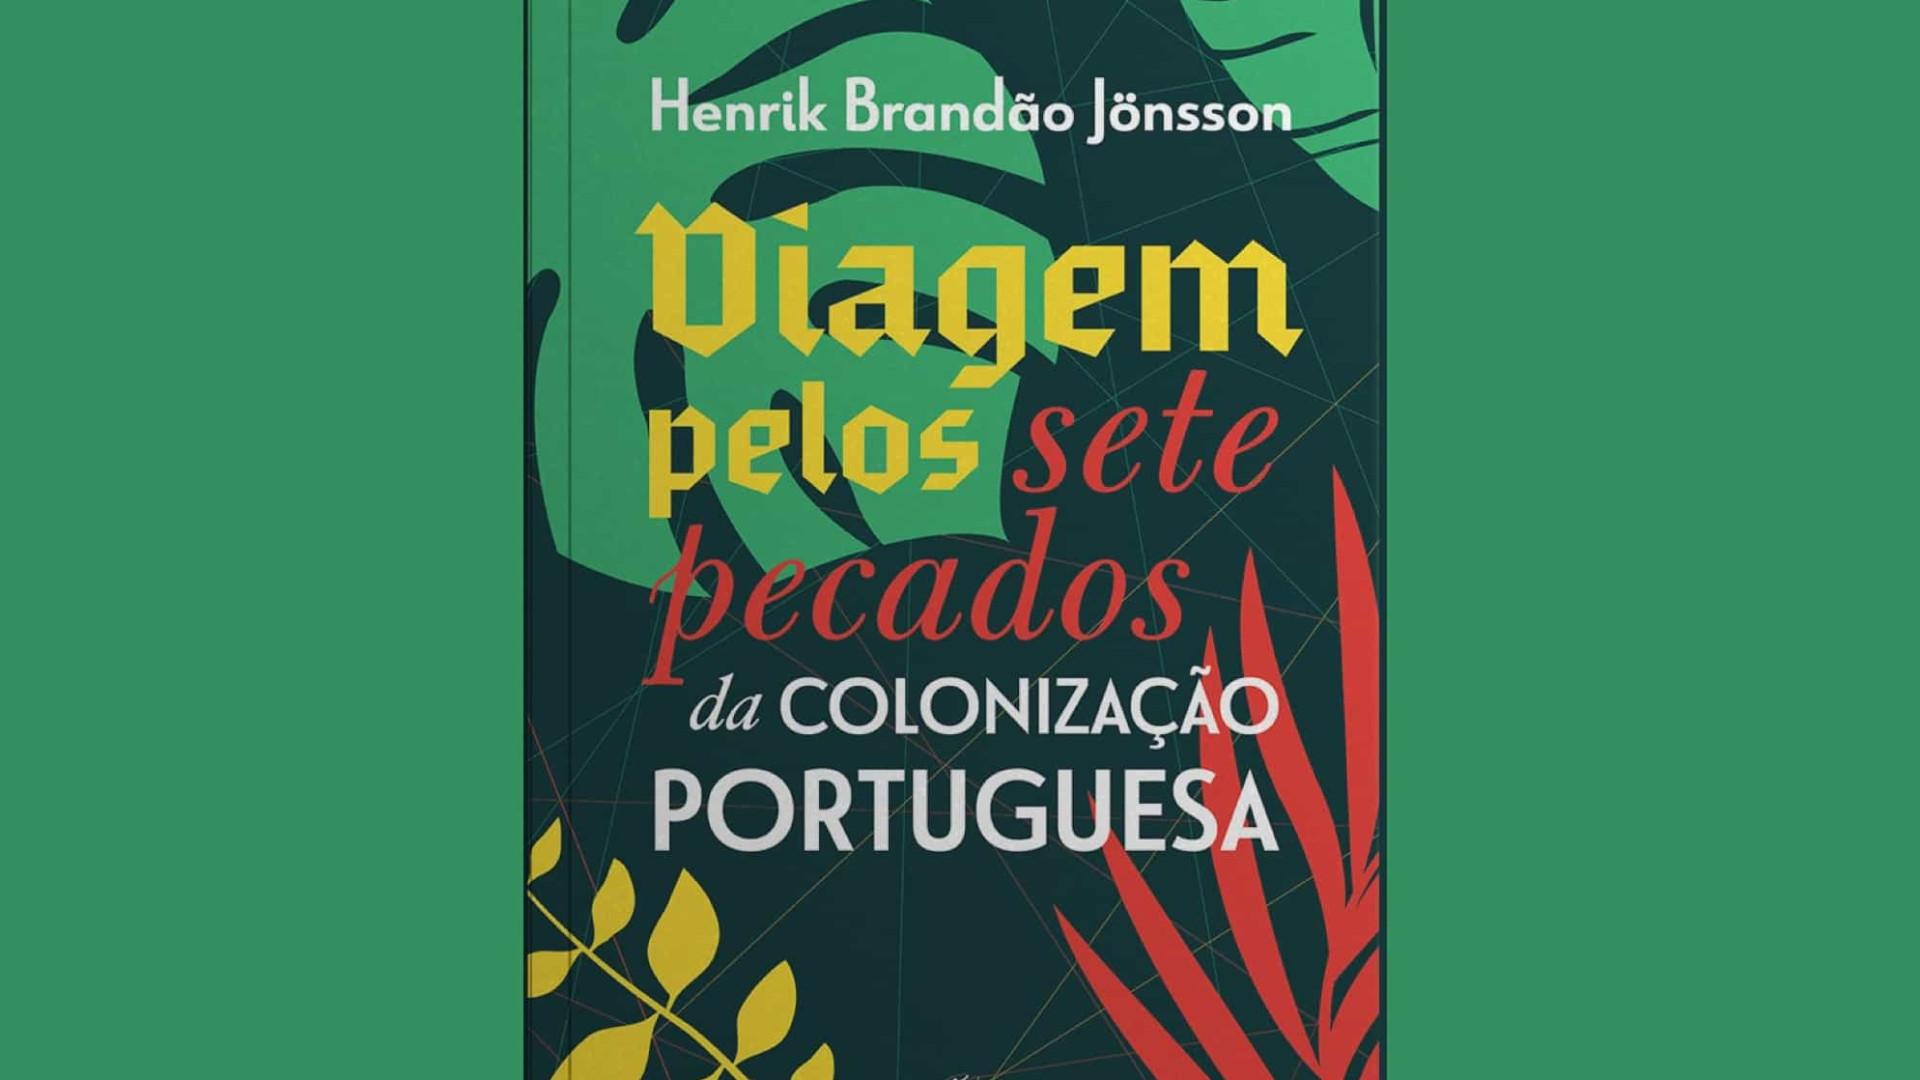 Livro sobre os 'pecados da colonização portuguesa' vira best-seller na Suécia